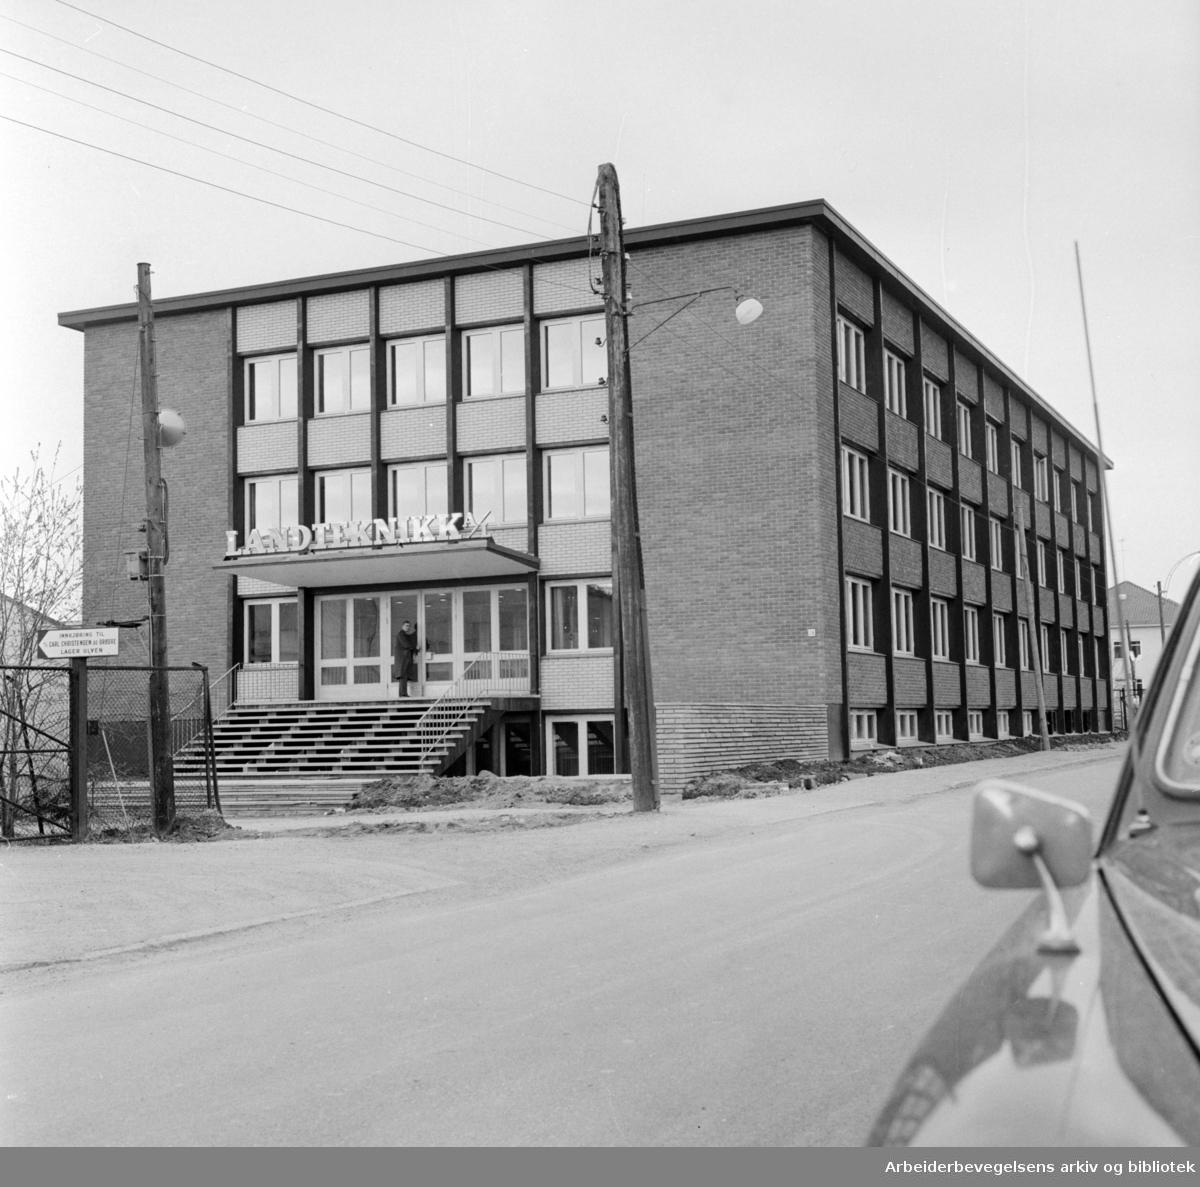 Ulven Landteknikk A/S. Her produseres og omsettes teknisk utstyr, driftsmidler og rekvisita for jordbrukets foredlings og omsetningsvirksomhet. April 1965